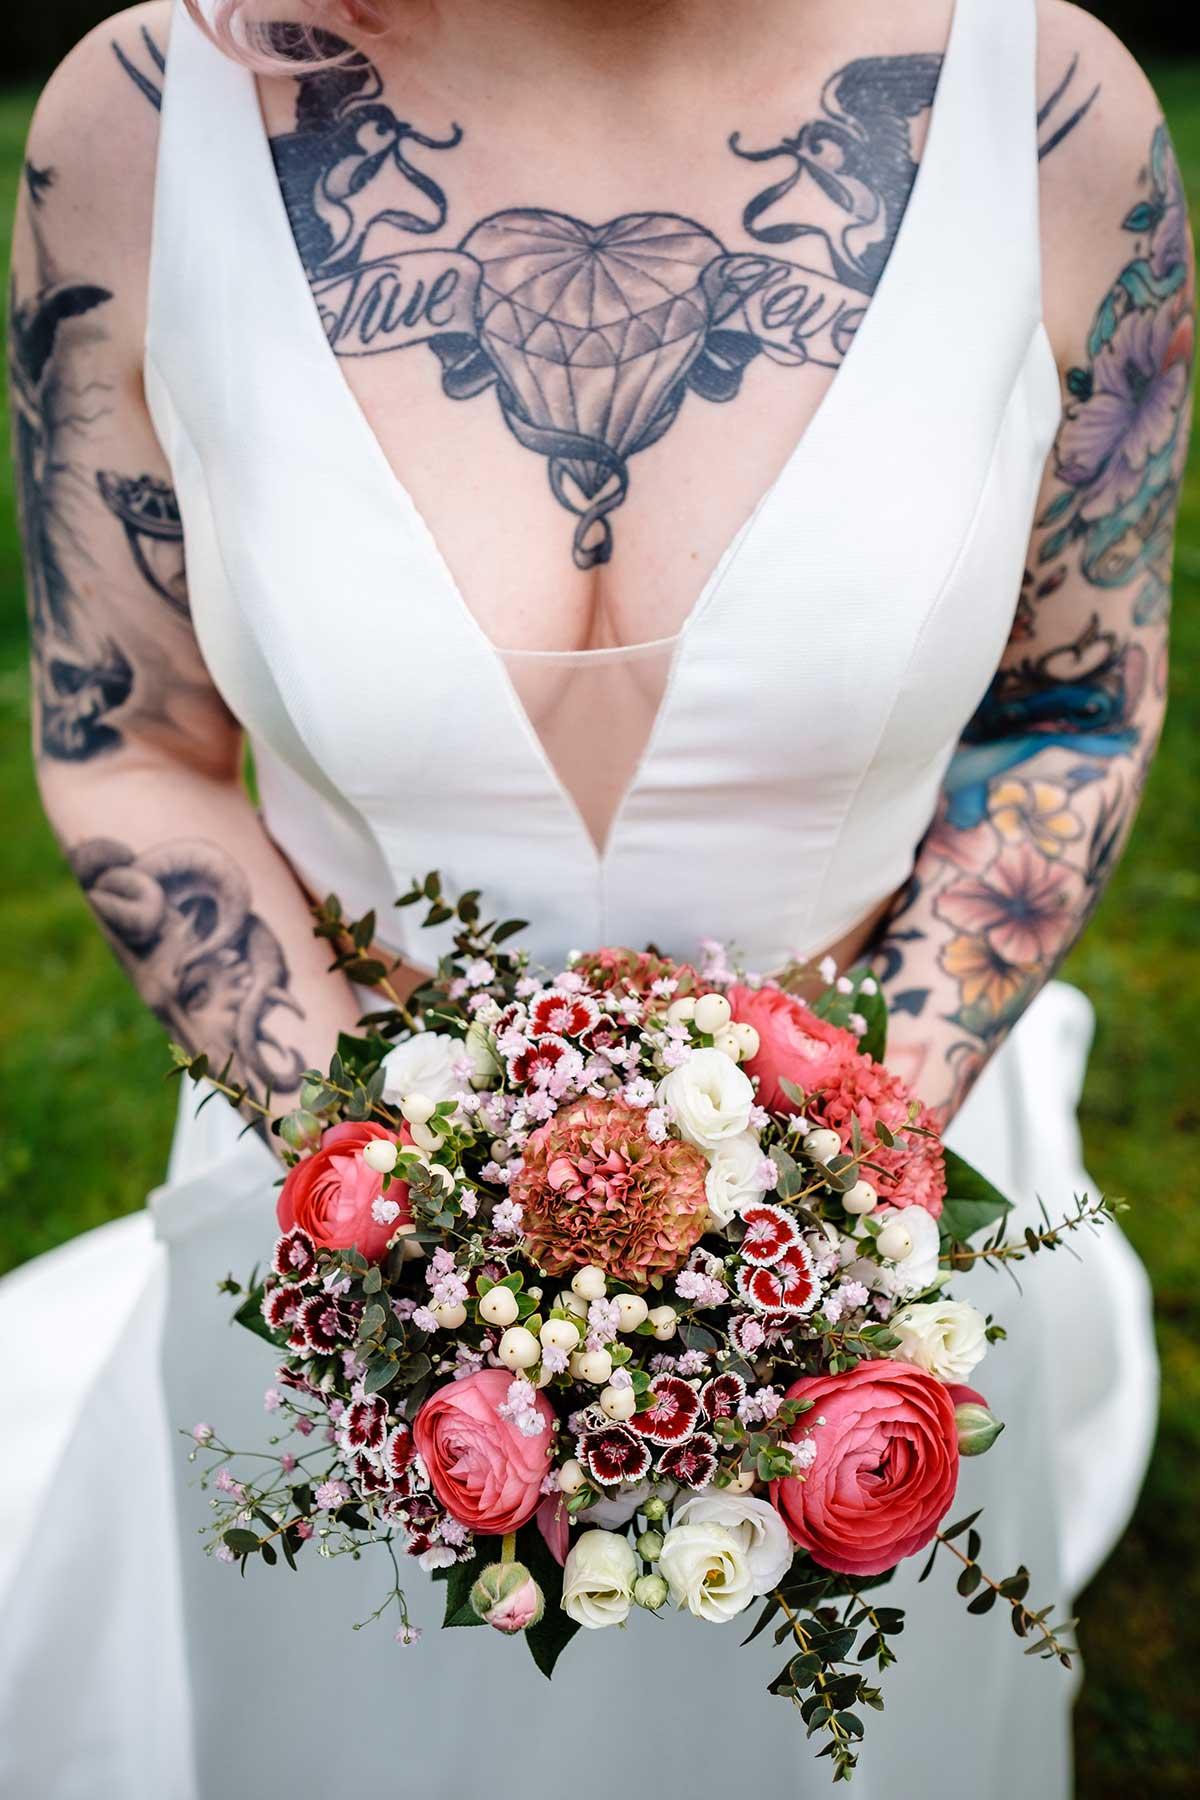 Braut mit Brautstrauß in kräftigen Farben